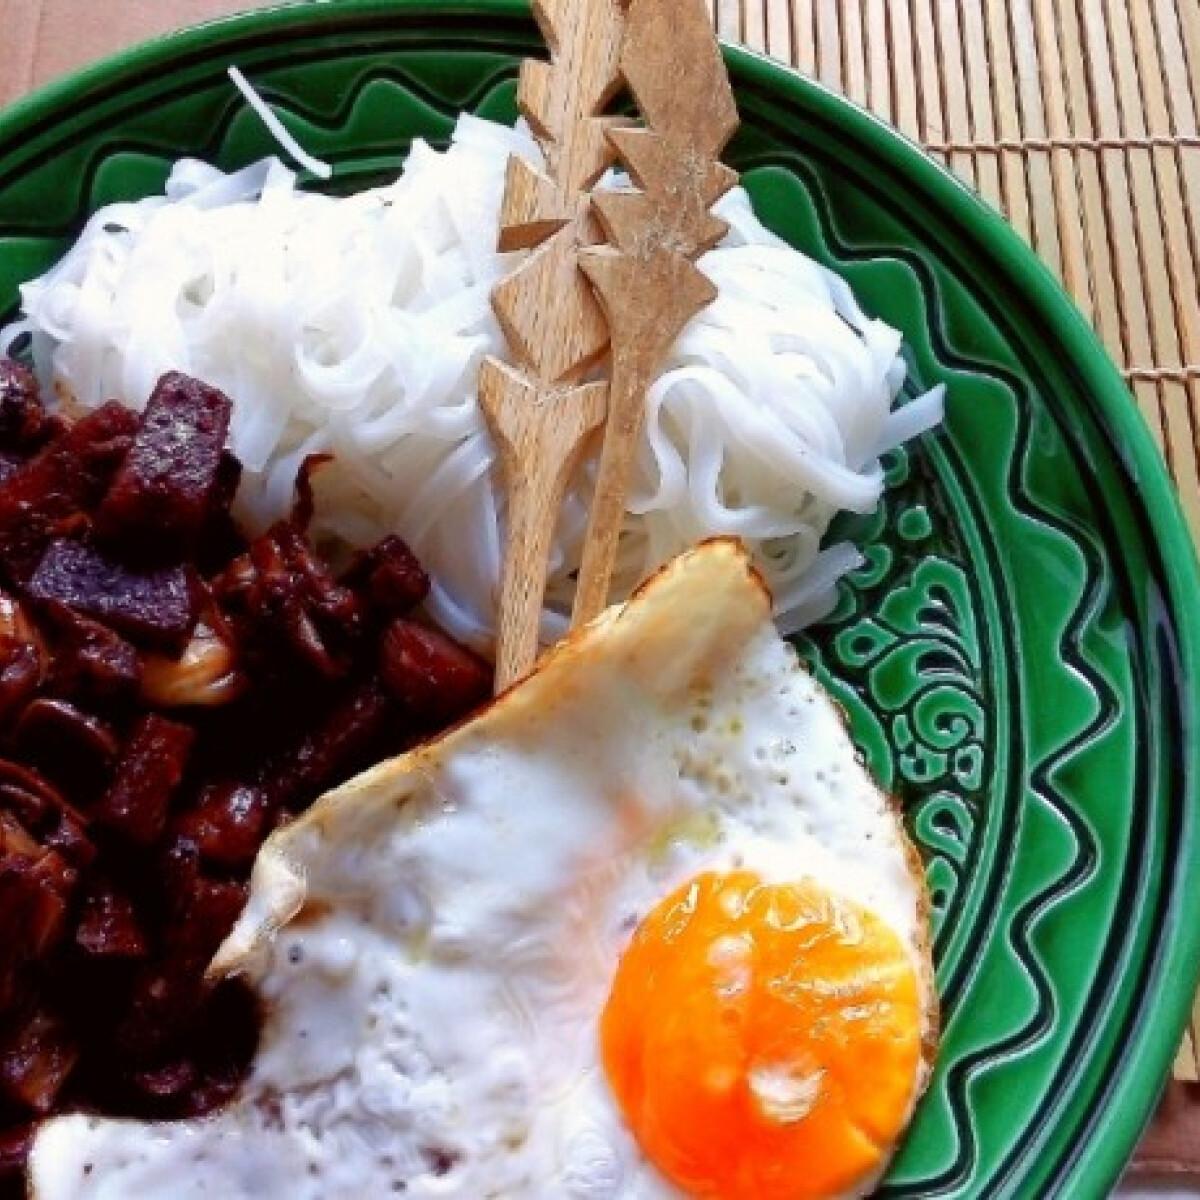 Koreai feketebab-szószos tészta - Jajangmyeon